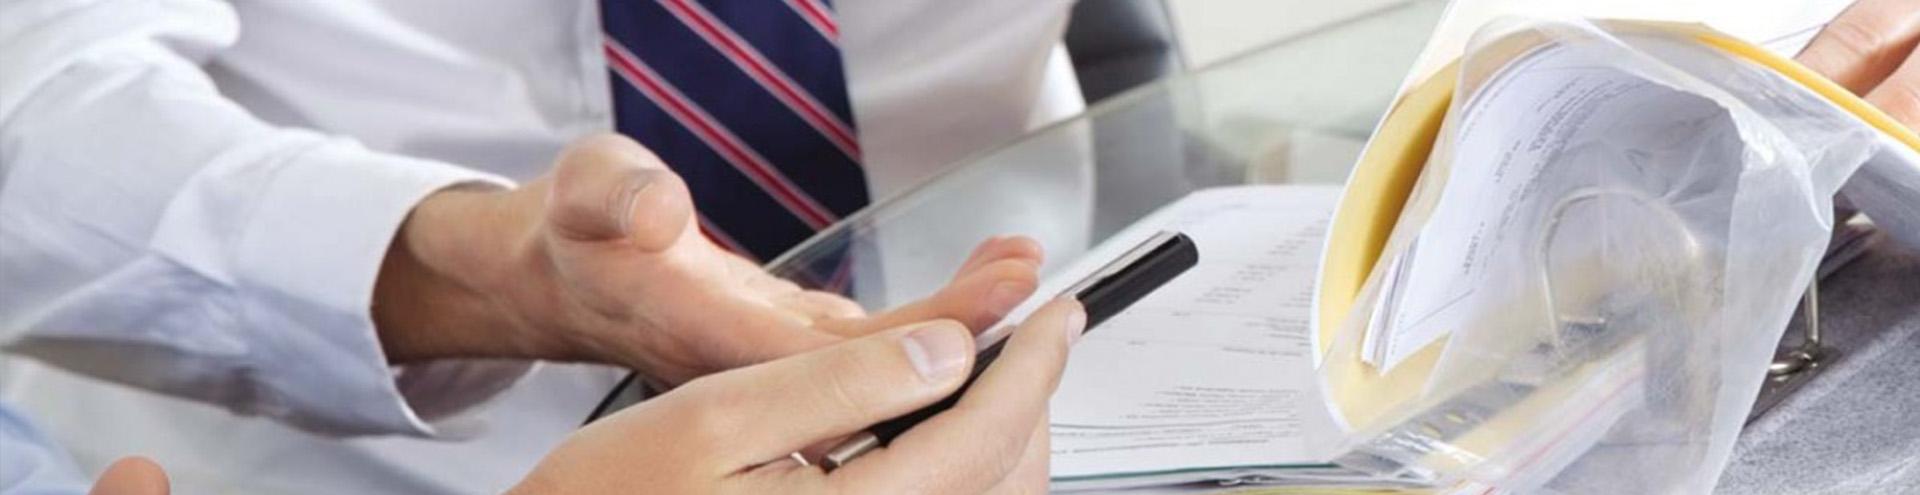 Документы на банкротство юридического лица в Челябинске и Челябинской области